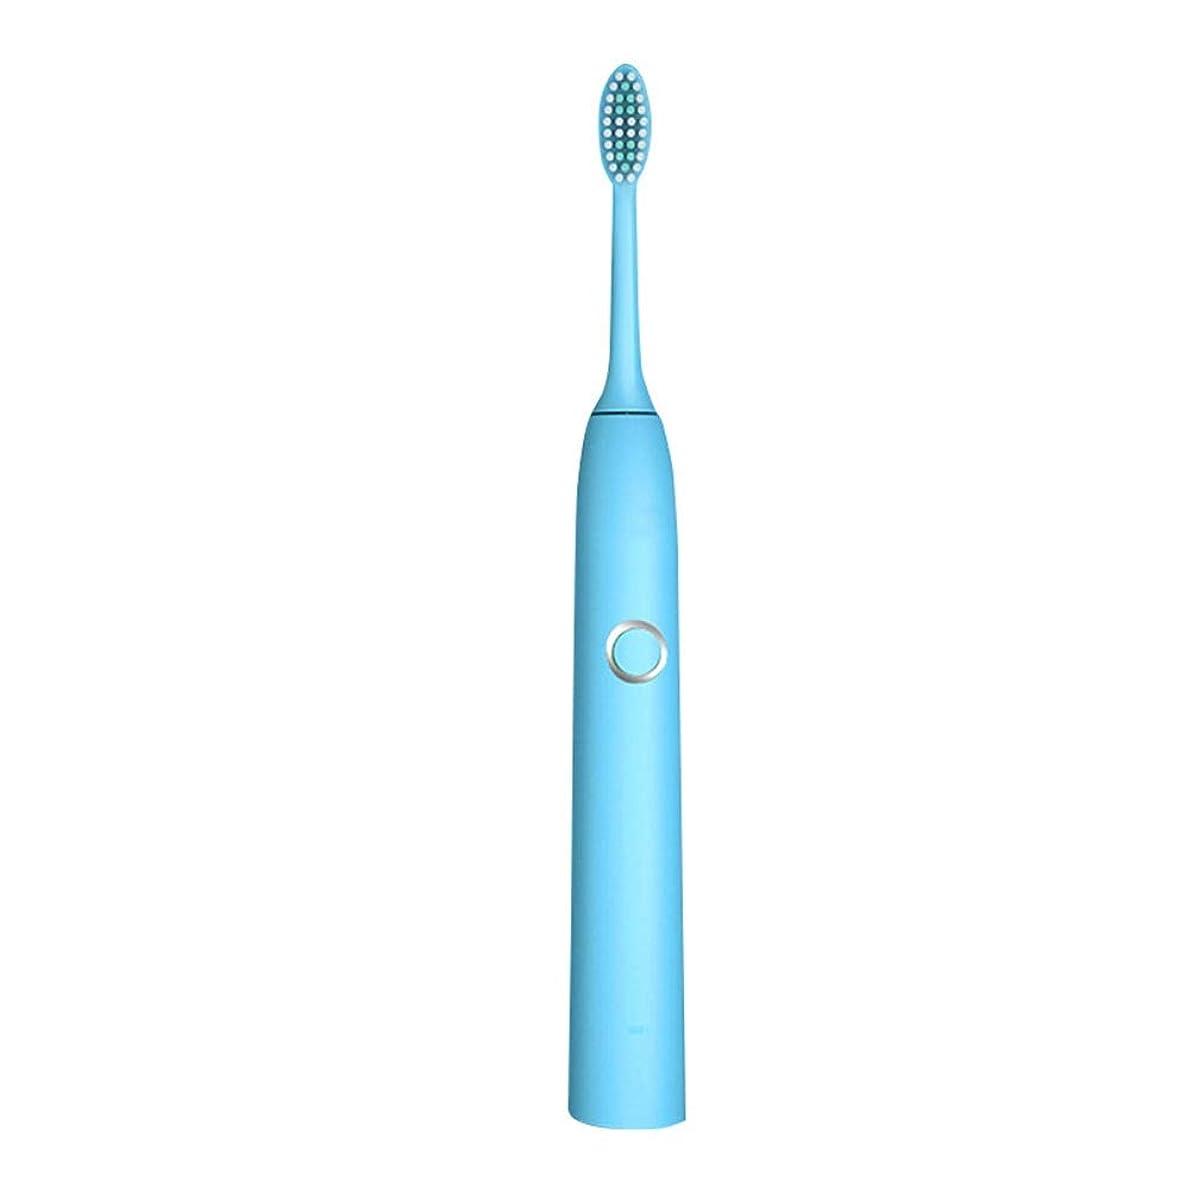 ウールマンハッタンあえて自動歯ブラシ 電動歯ブラシ大人を白くする保護きれいなUSBの再充電可能 (色 : 青, サイズ : Free size)